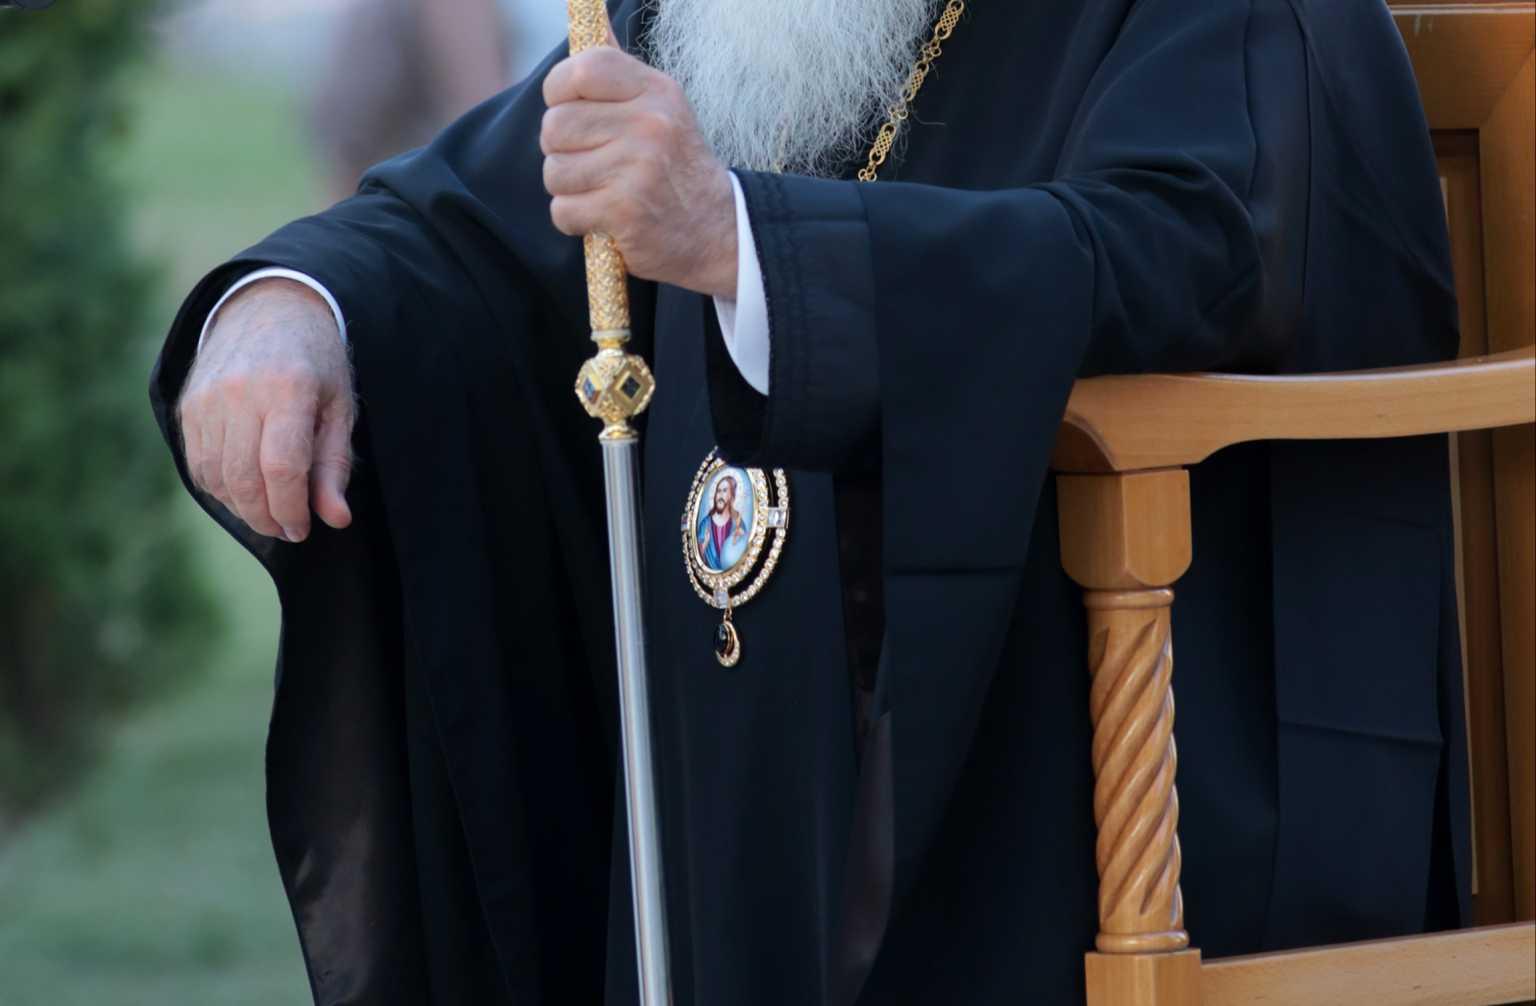 Ιερά Σύνοδος: Οι πέντε νέοι Μητροπολίτες στην Εκκλησία της Ελλάδος